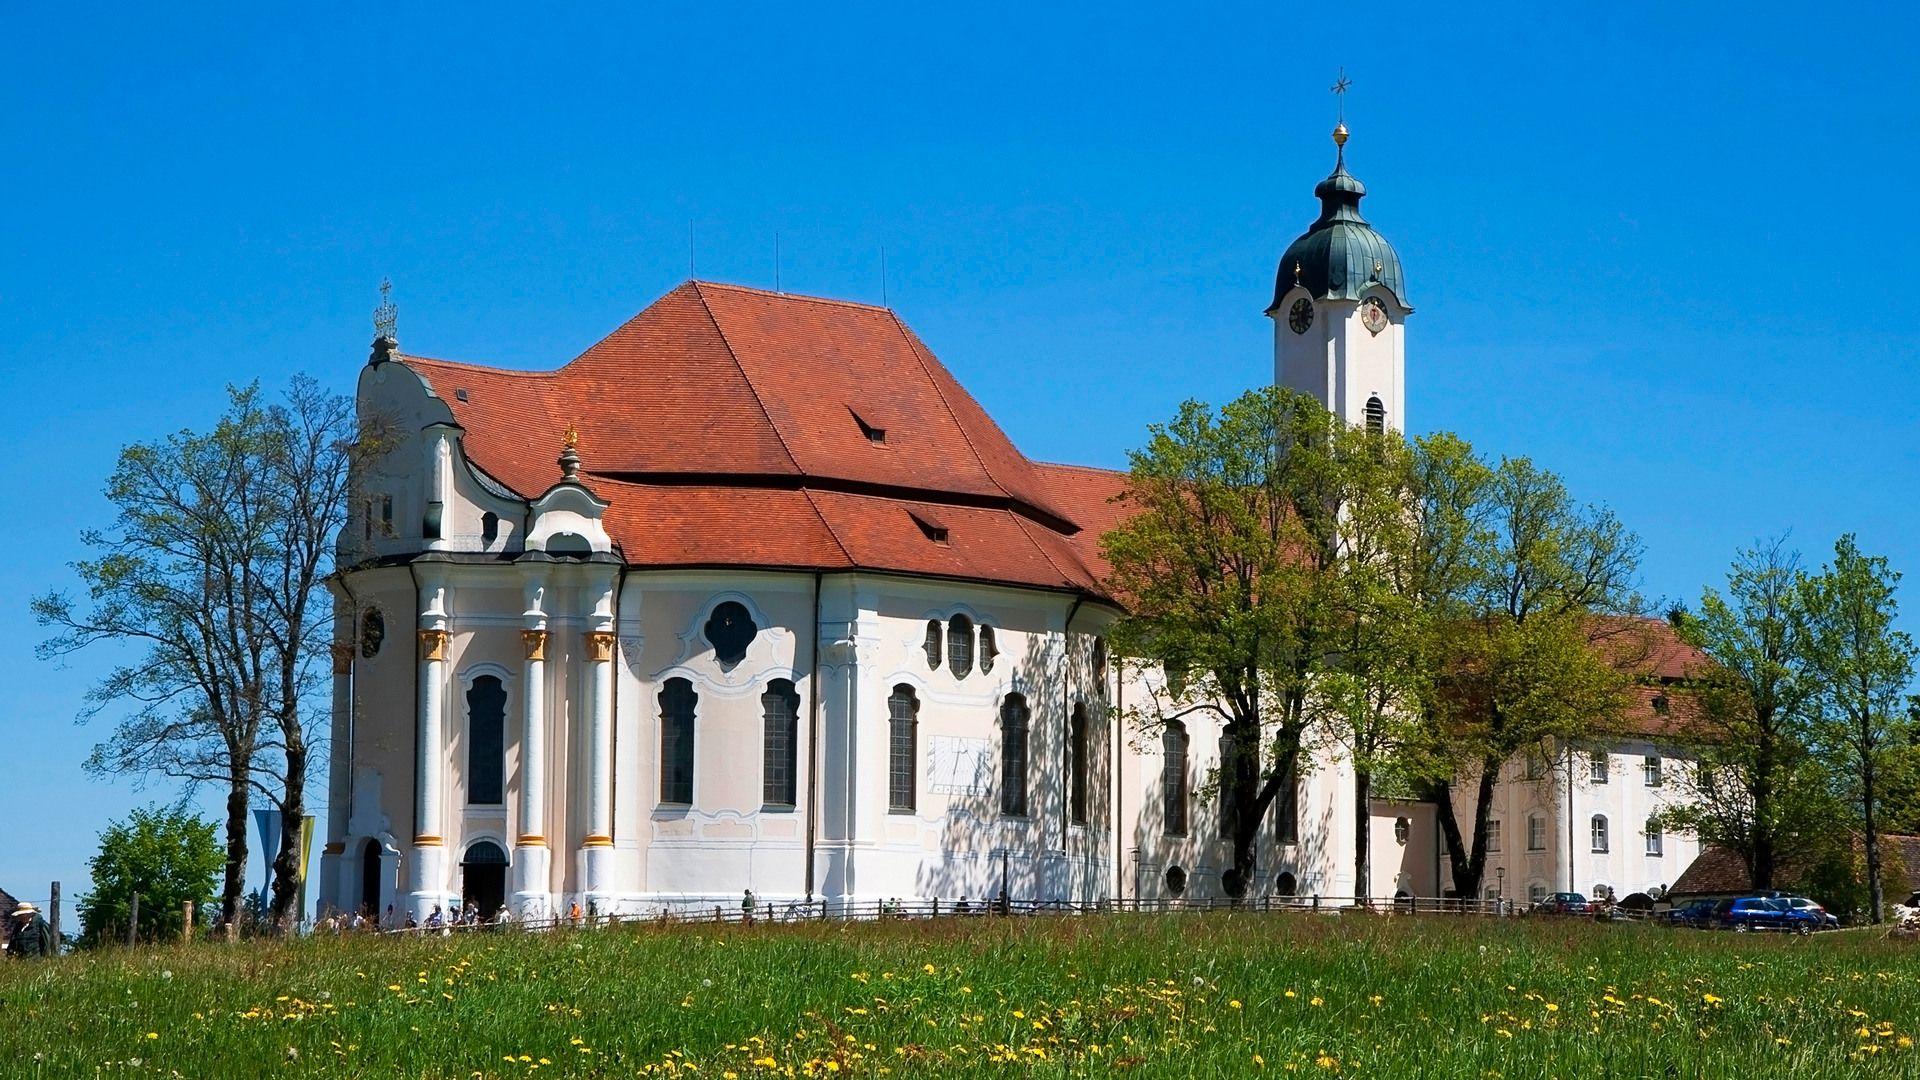 Germany Bavaria Weilheim Schongau District Steingaden Municipality Pilgrimage Church Of Wies Wieskirche Weilheim Schongau Kloster Wallfahrt